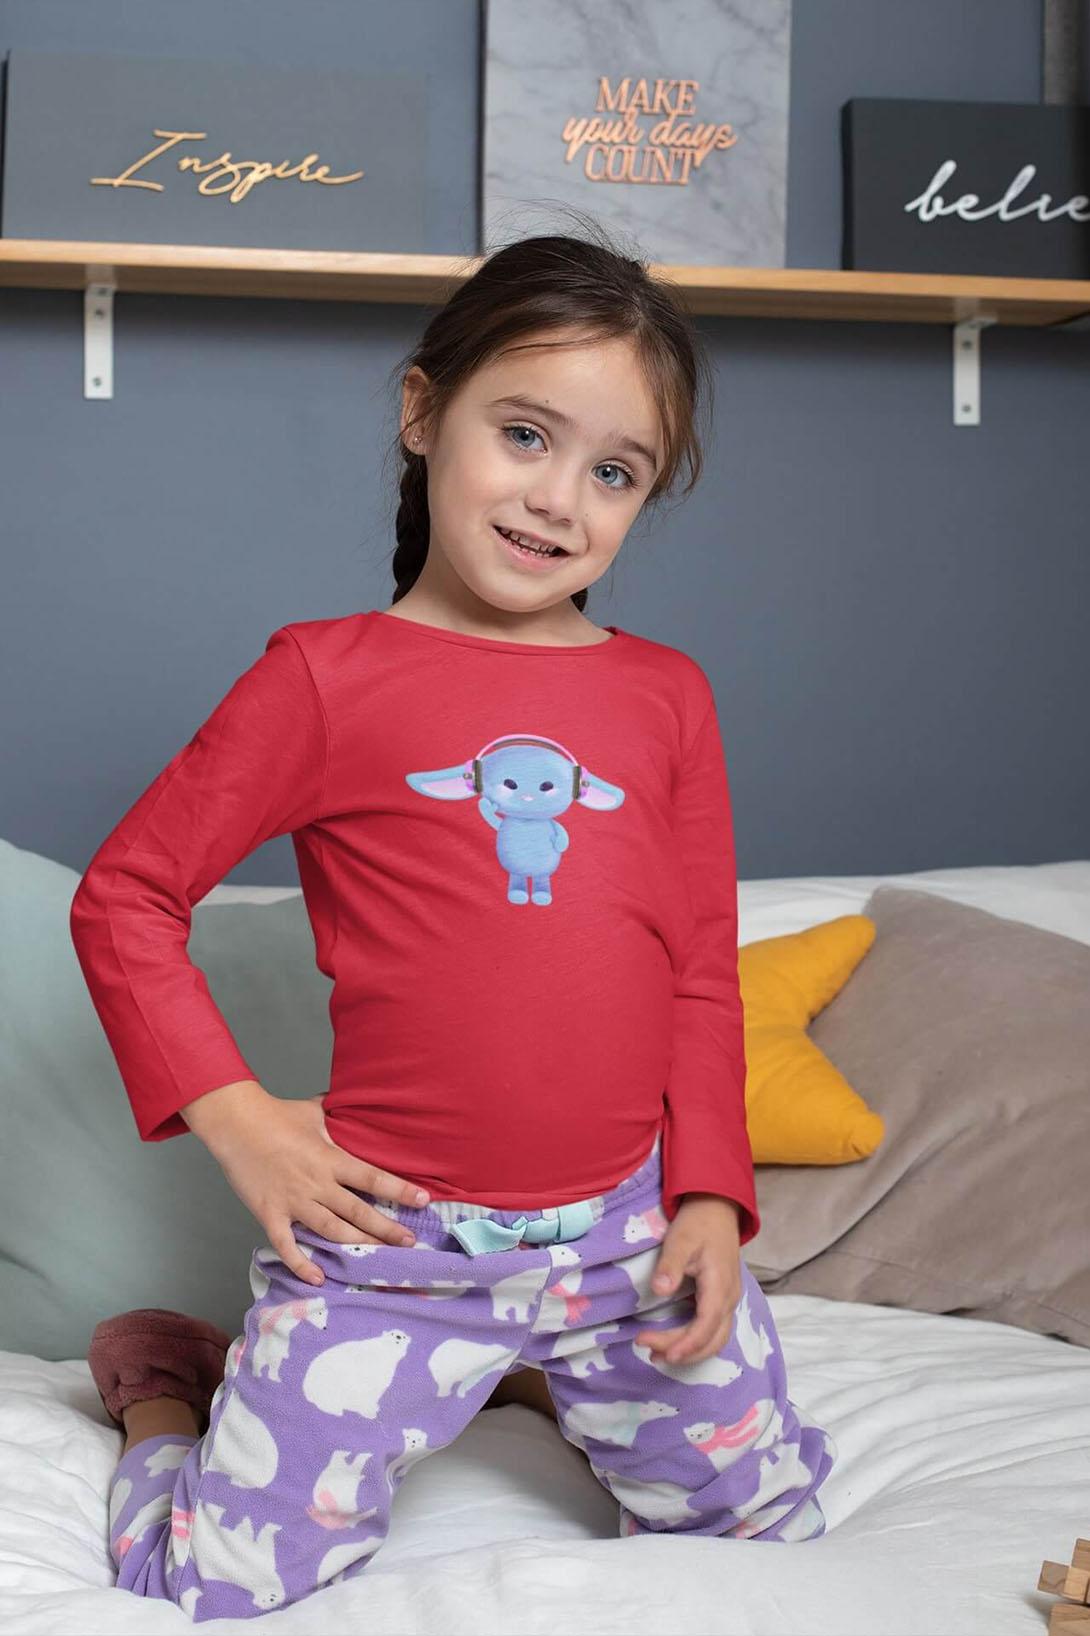 MMO Detské tričko s dlhým rukávom Zajac so slúchadlami Vyberte farbu:: Tyrkysová, Detská veľkosť: 146/10 rokov